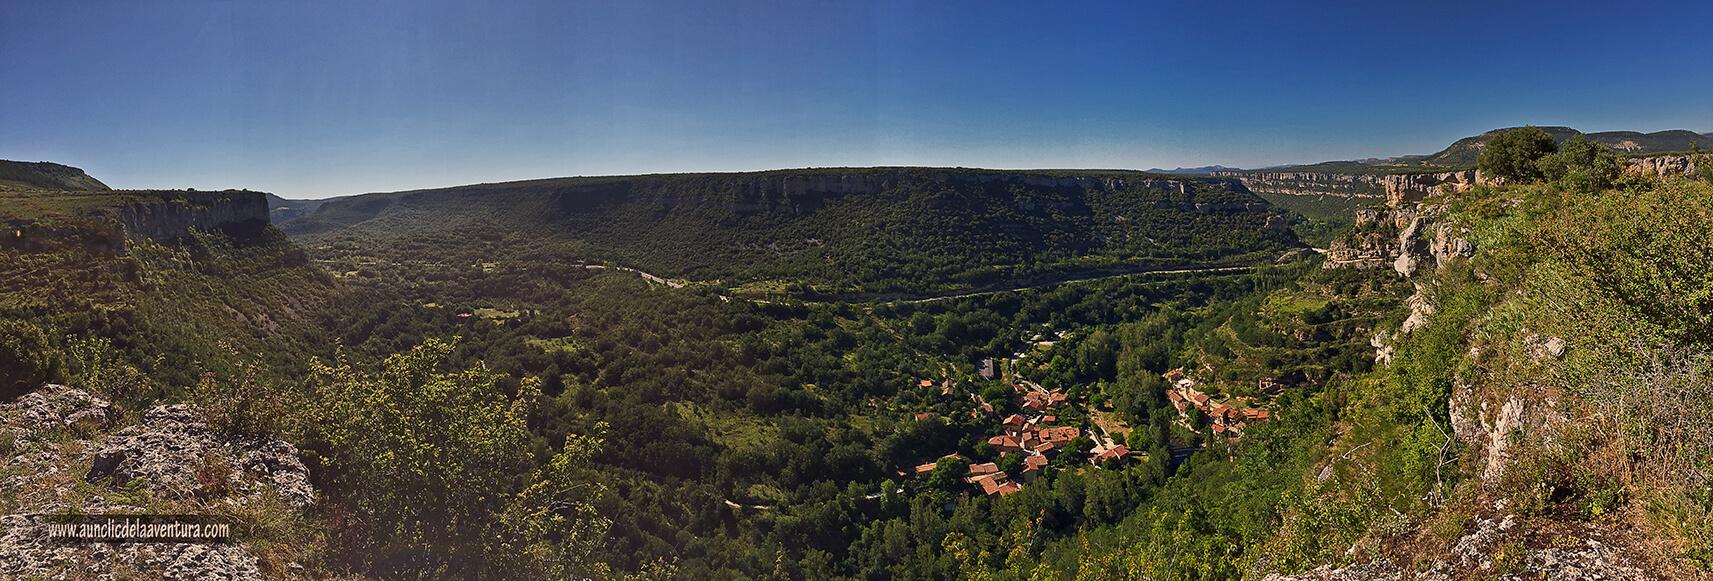 Panorámica desde Castrosiero - ruta desde Valdelateja hasta la ermita de Castrosiero